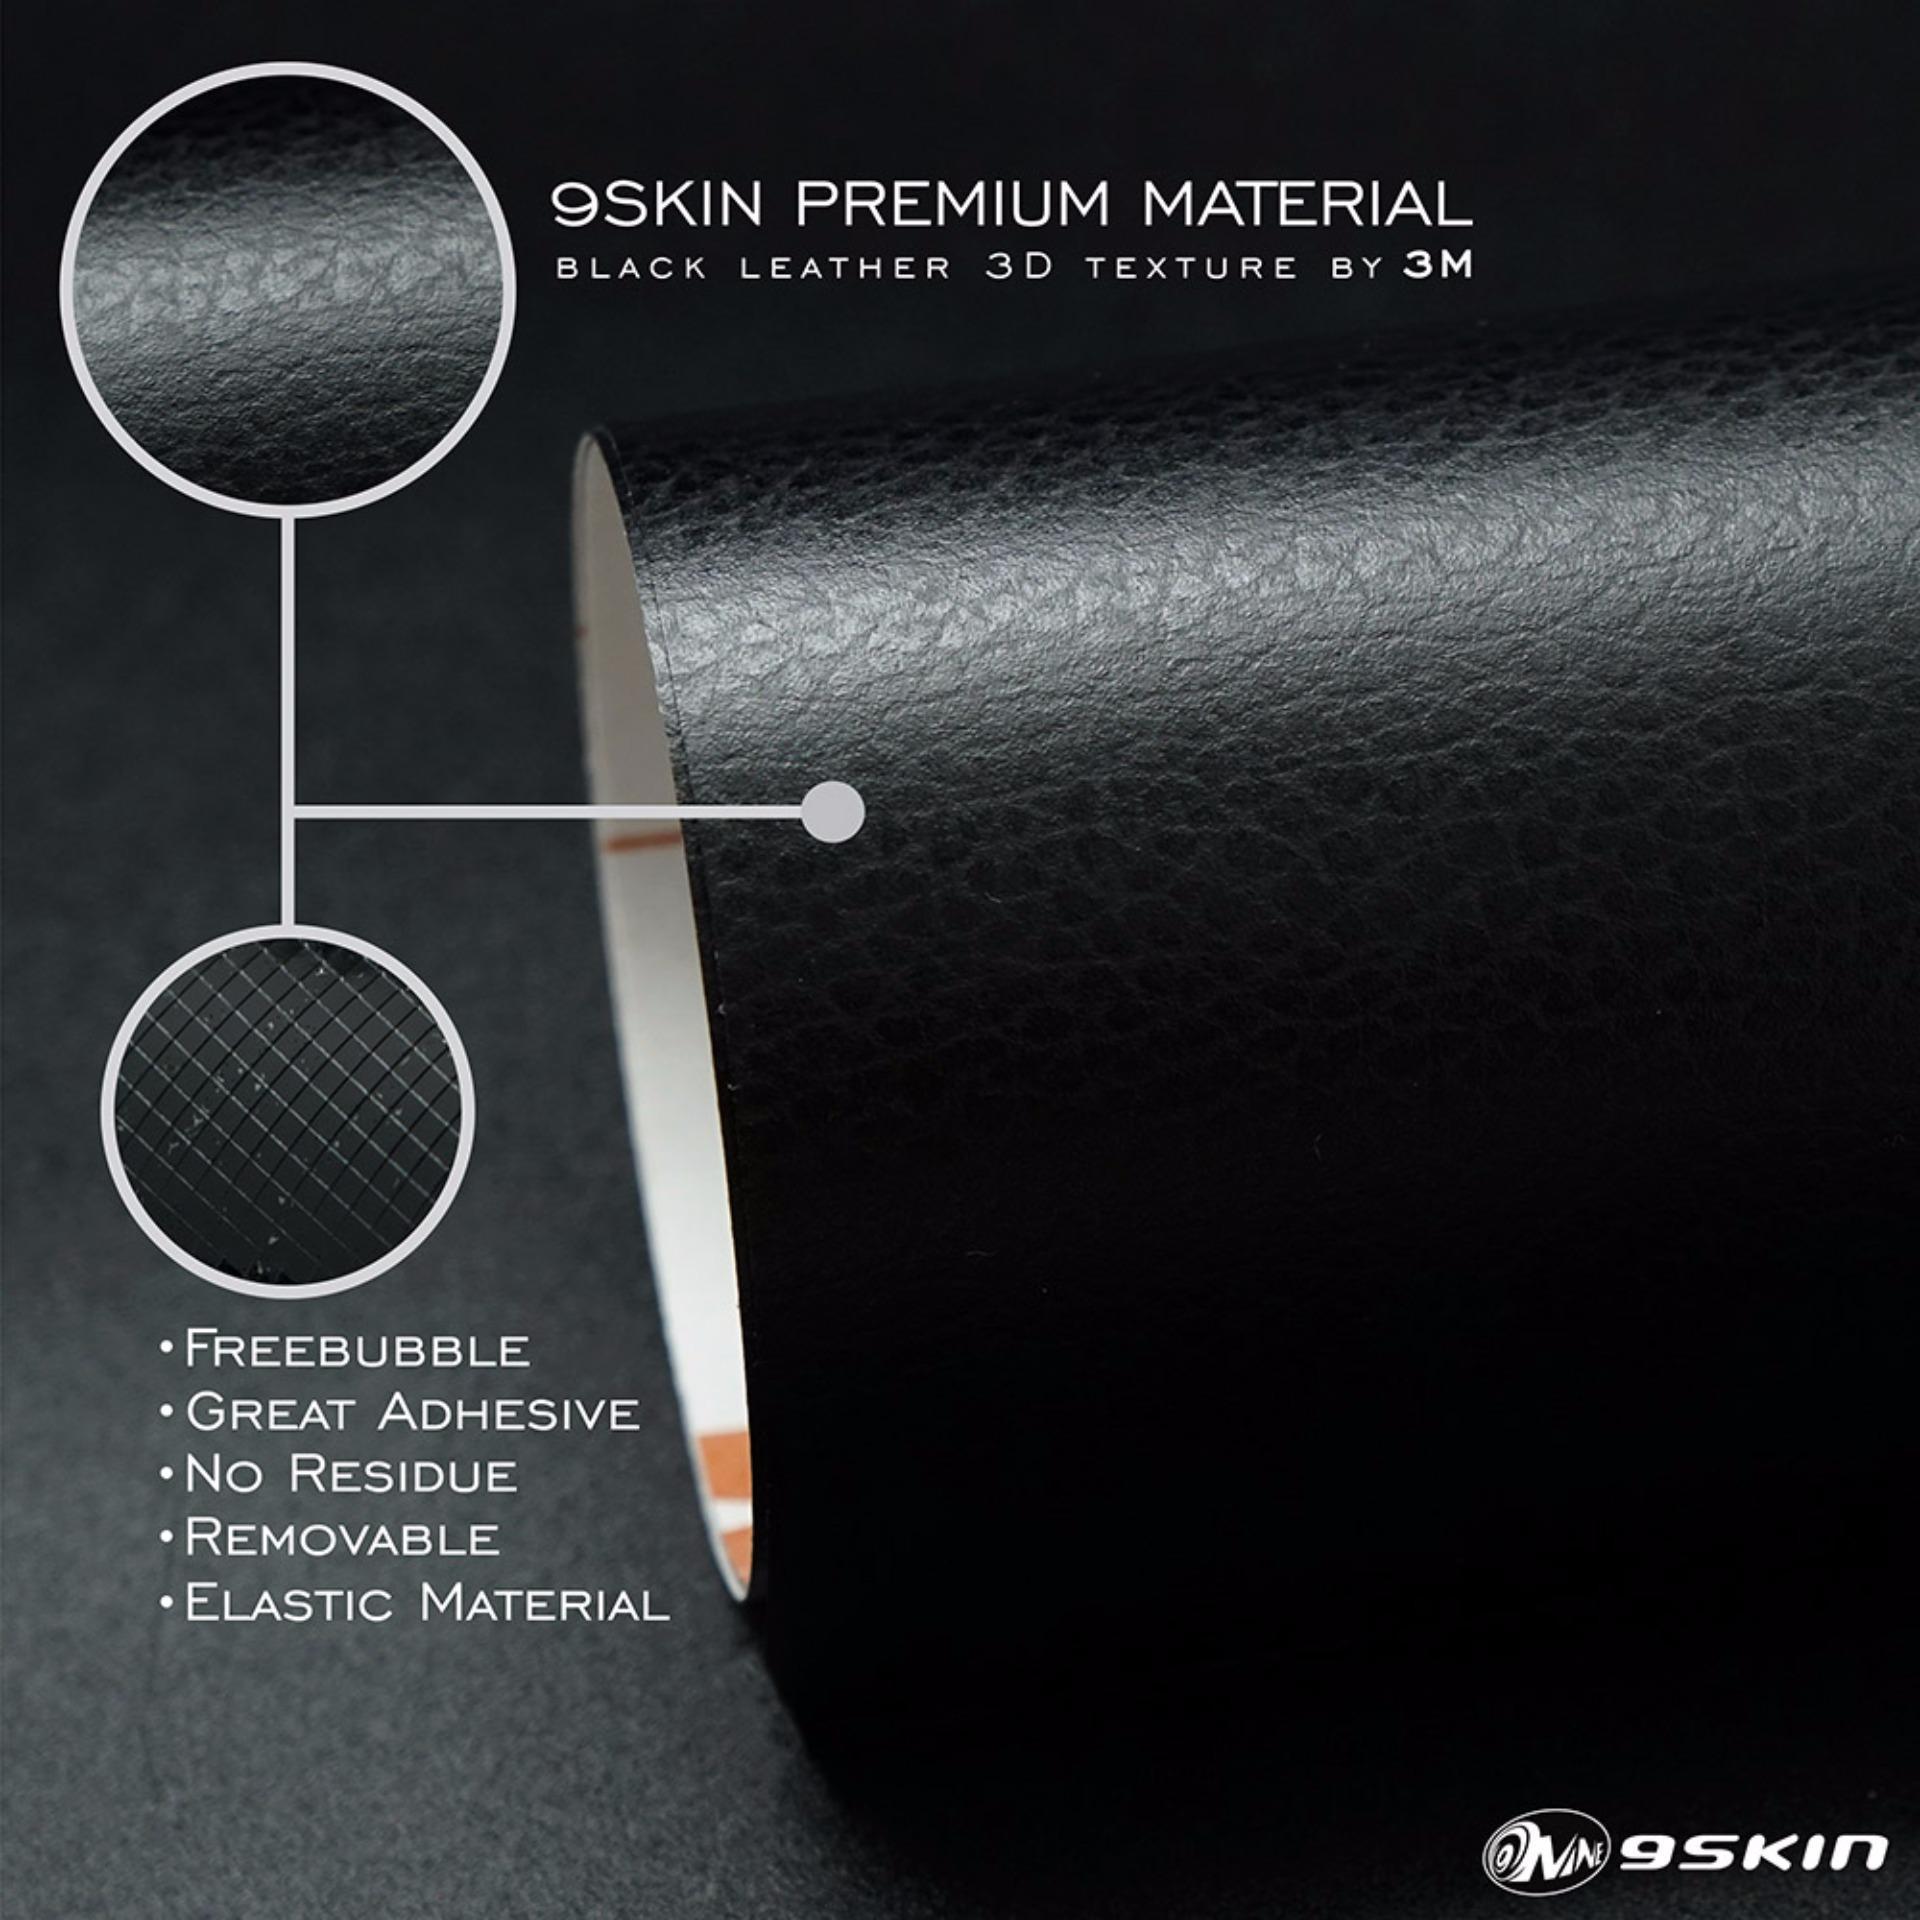 Gstation Ps Vita Fat Crystal Case Spec Dan Daftar Harga Terbaru Cystal 9skin Premium Skin Protector Untuk Leather Texture